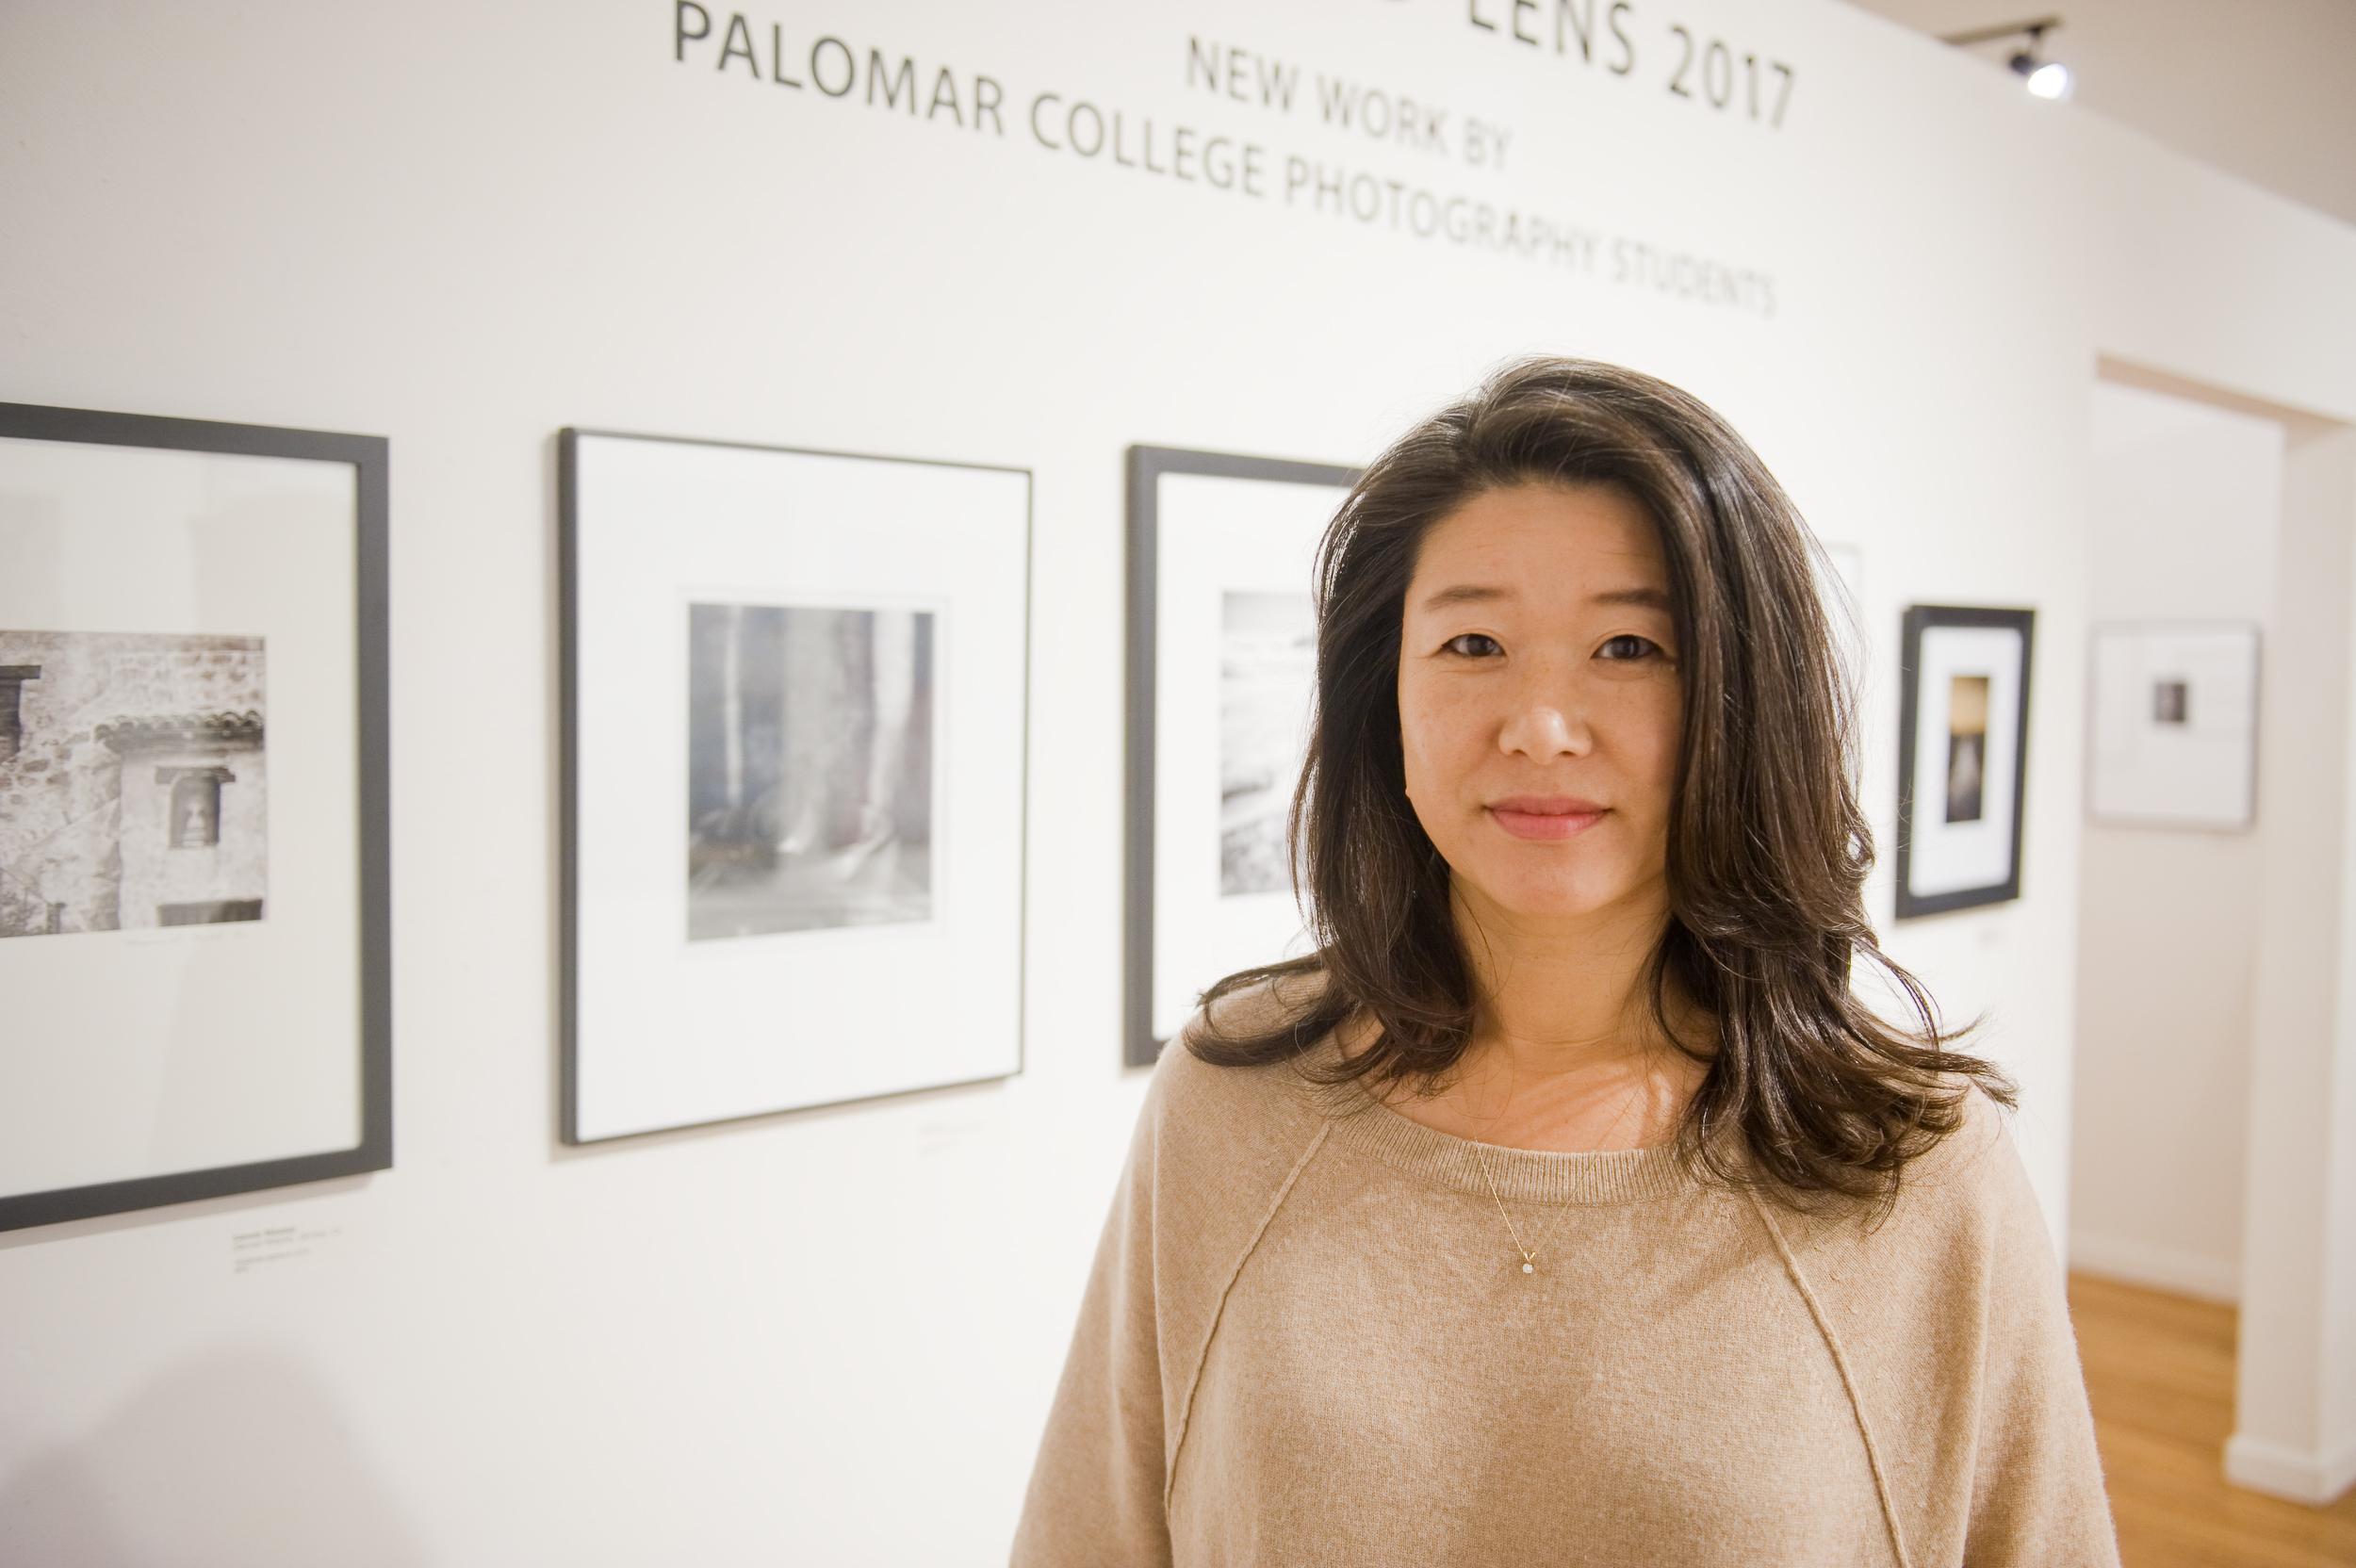 'Enlightened Lens' showcases student work